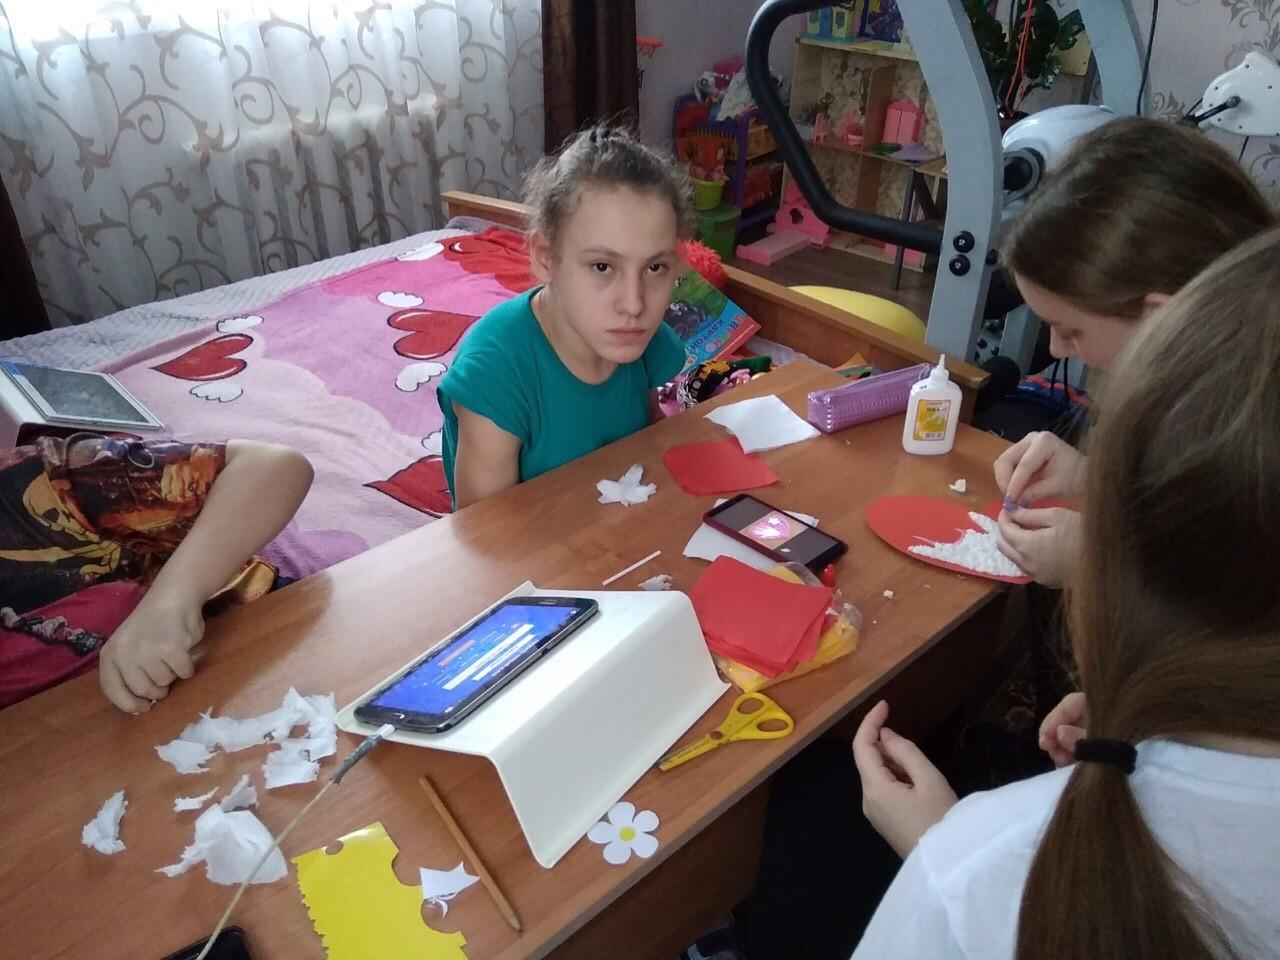 #Маминдень@vol_we ➖➖➖➖➖➖➖➖➖➖➖➖➖➖  ✨ Волонтёры делают с детьми подарок для